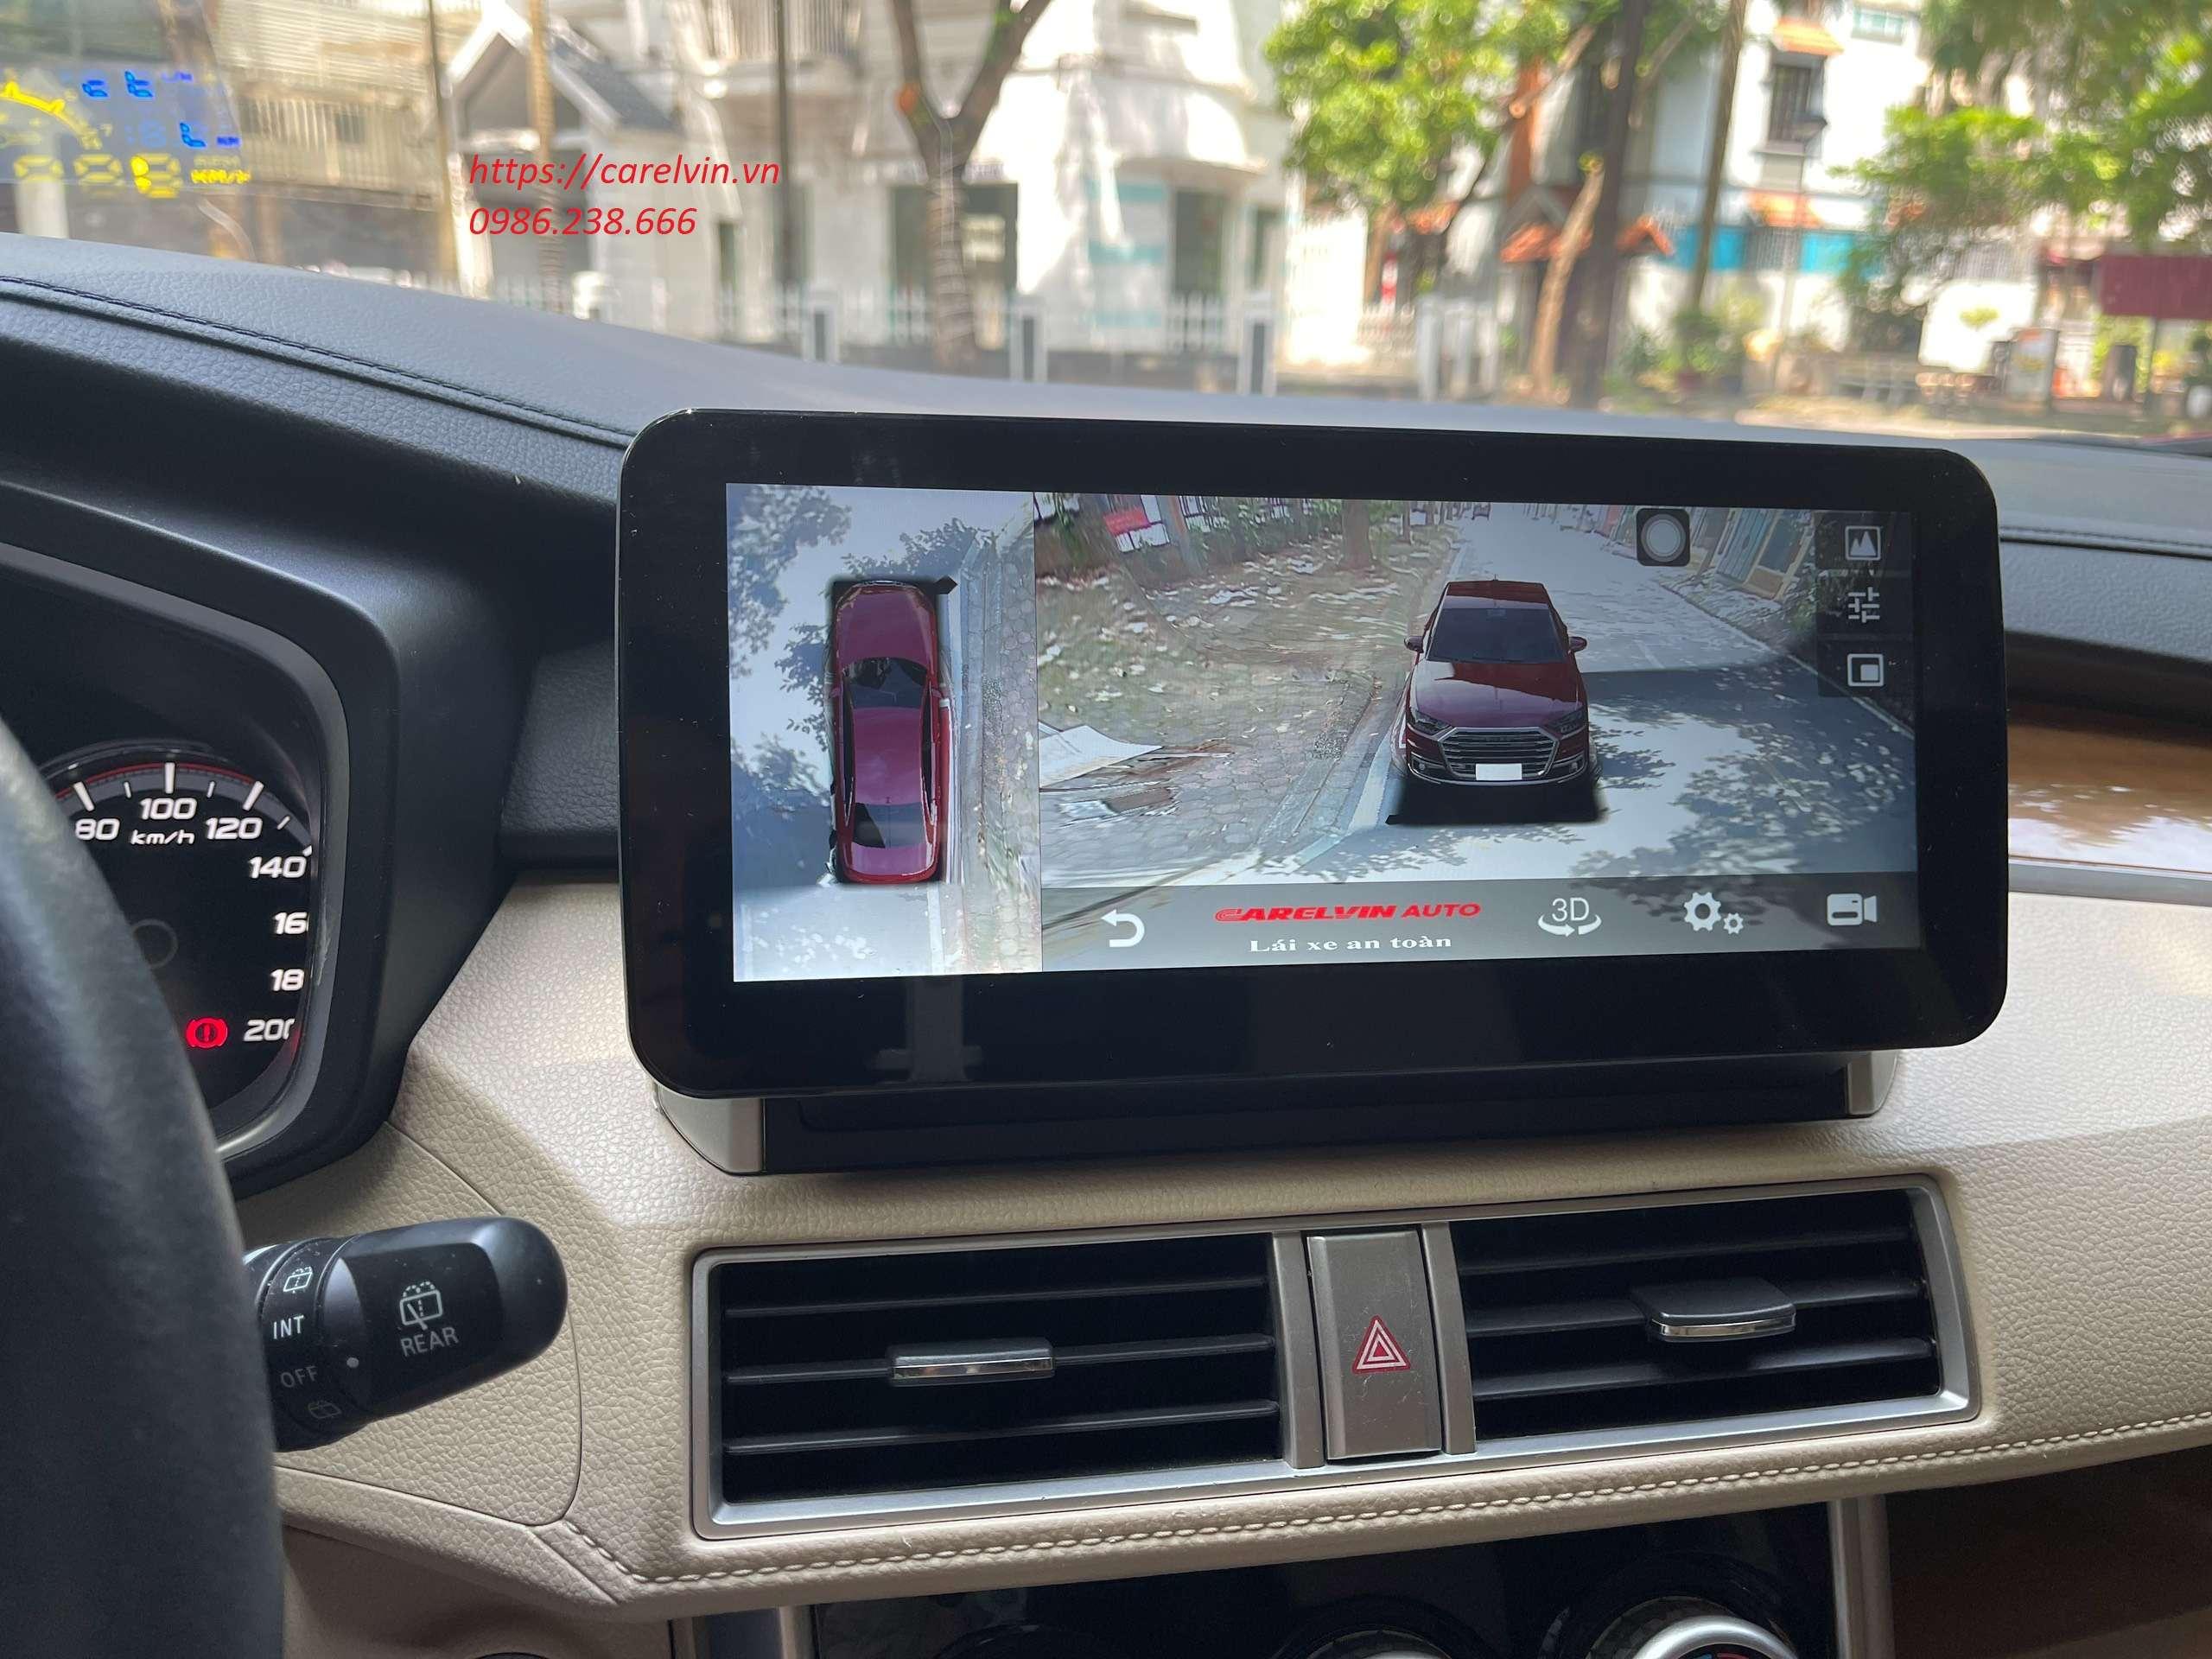 Cam 360 độ quan sát ghi hình 4 hướng xem lại trực tiếp trên màn hình